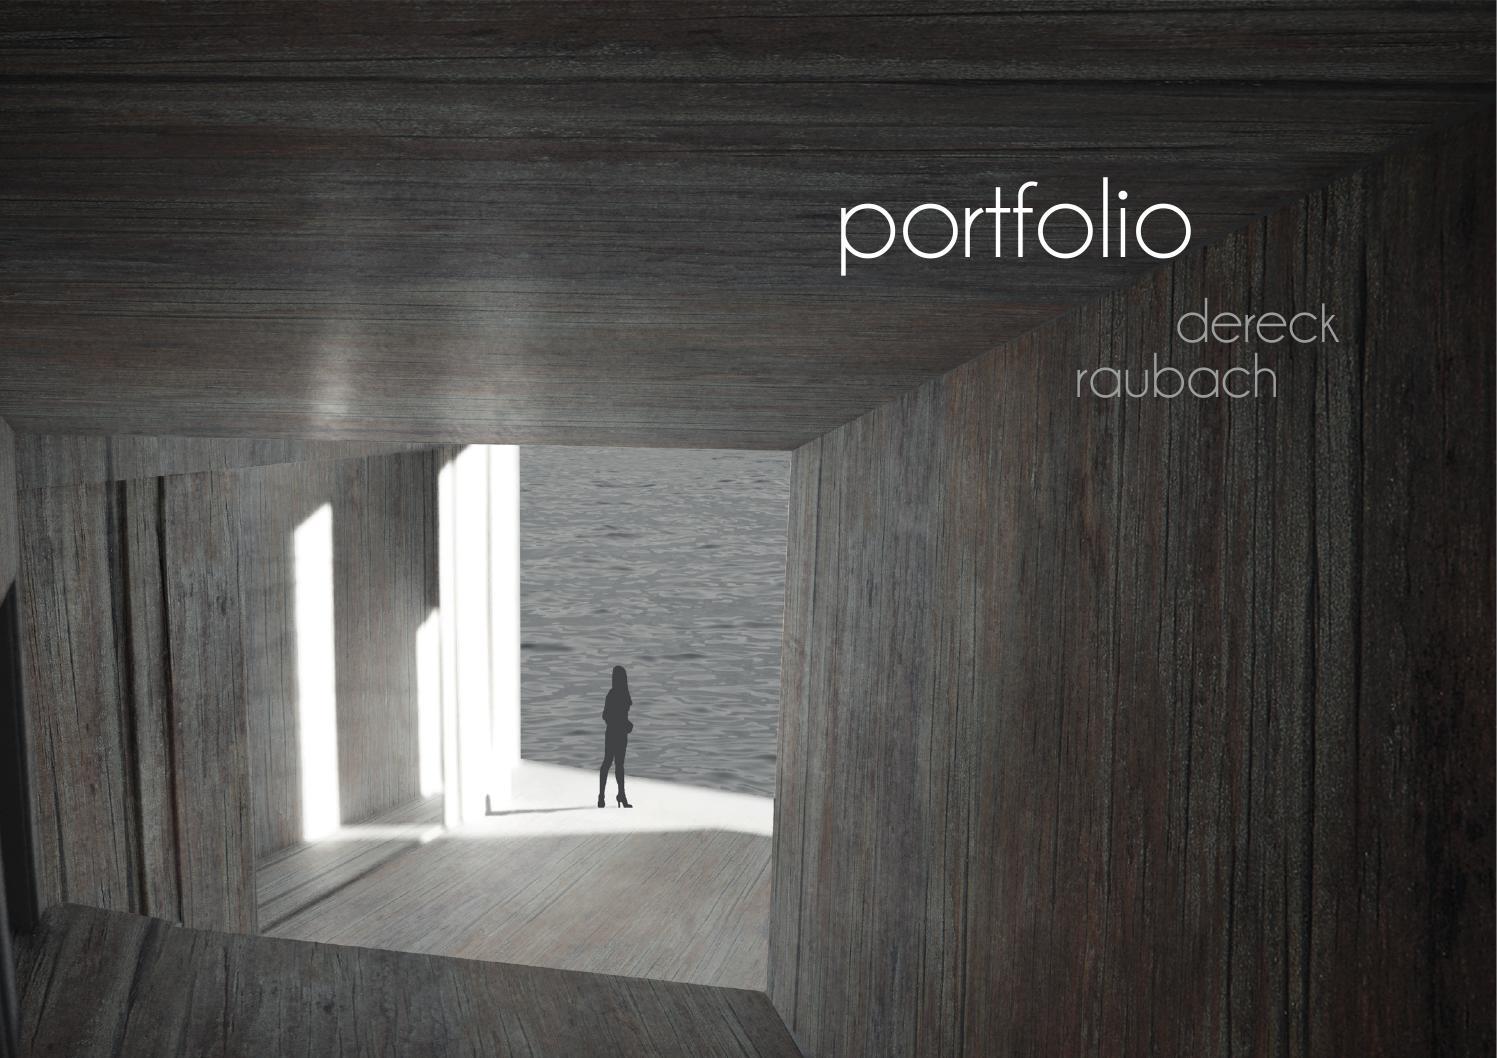 Dereck Raubach Epfl Architecture Portfolio 2013 By